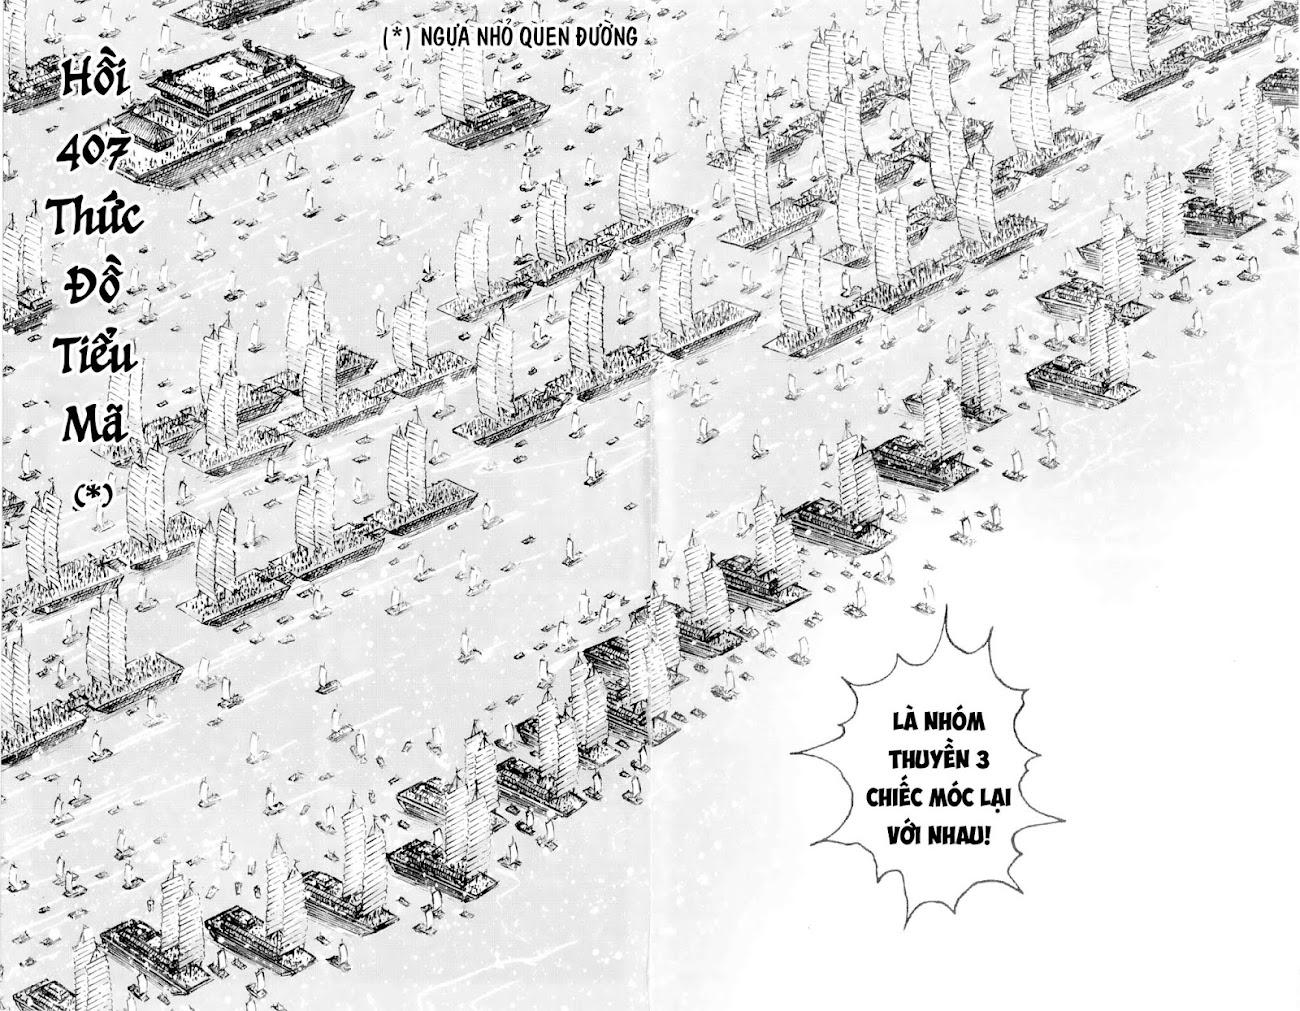 Hỏa phụng liêu nguyên Chương 407: Thức đồ tiểu mã [Remake] trang 2